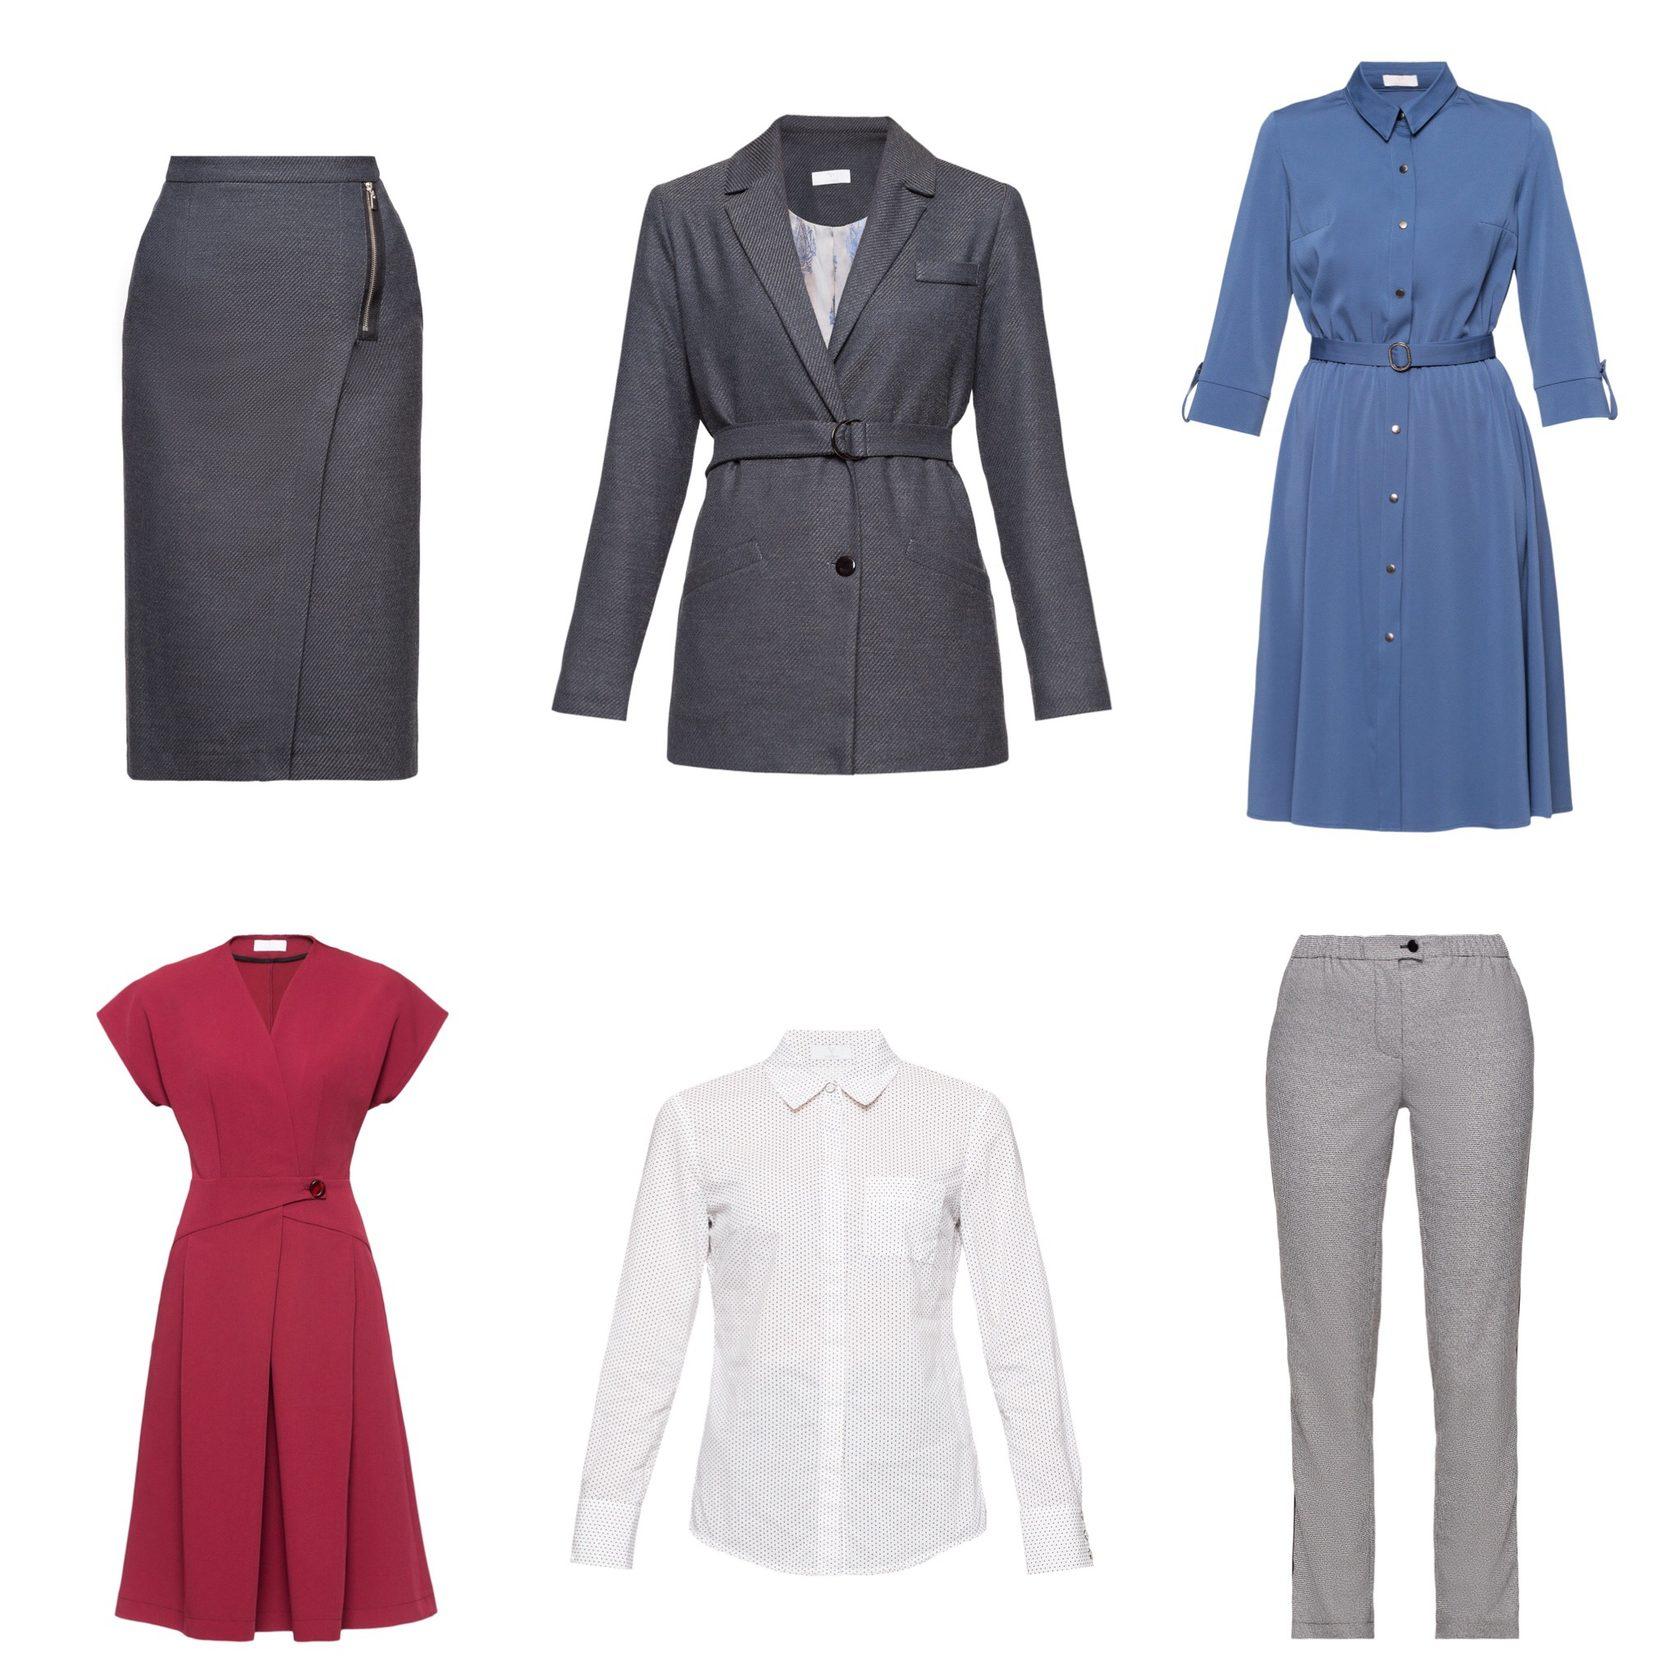 Базовый гардероб для офиса. Рабочая капсула из юбки, платья, рубашки, брюк и жакета